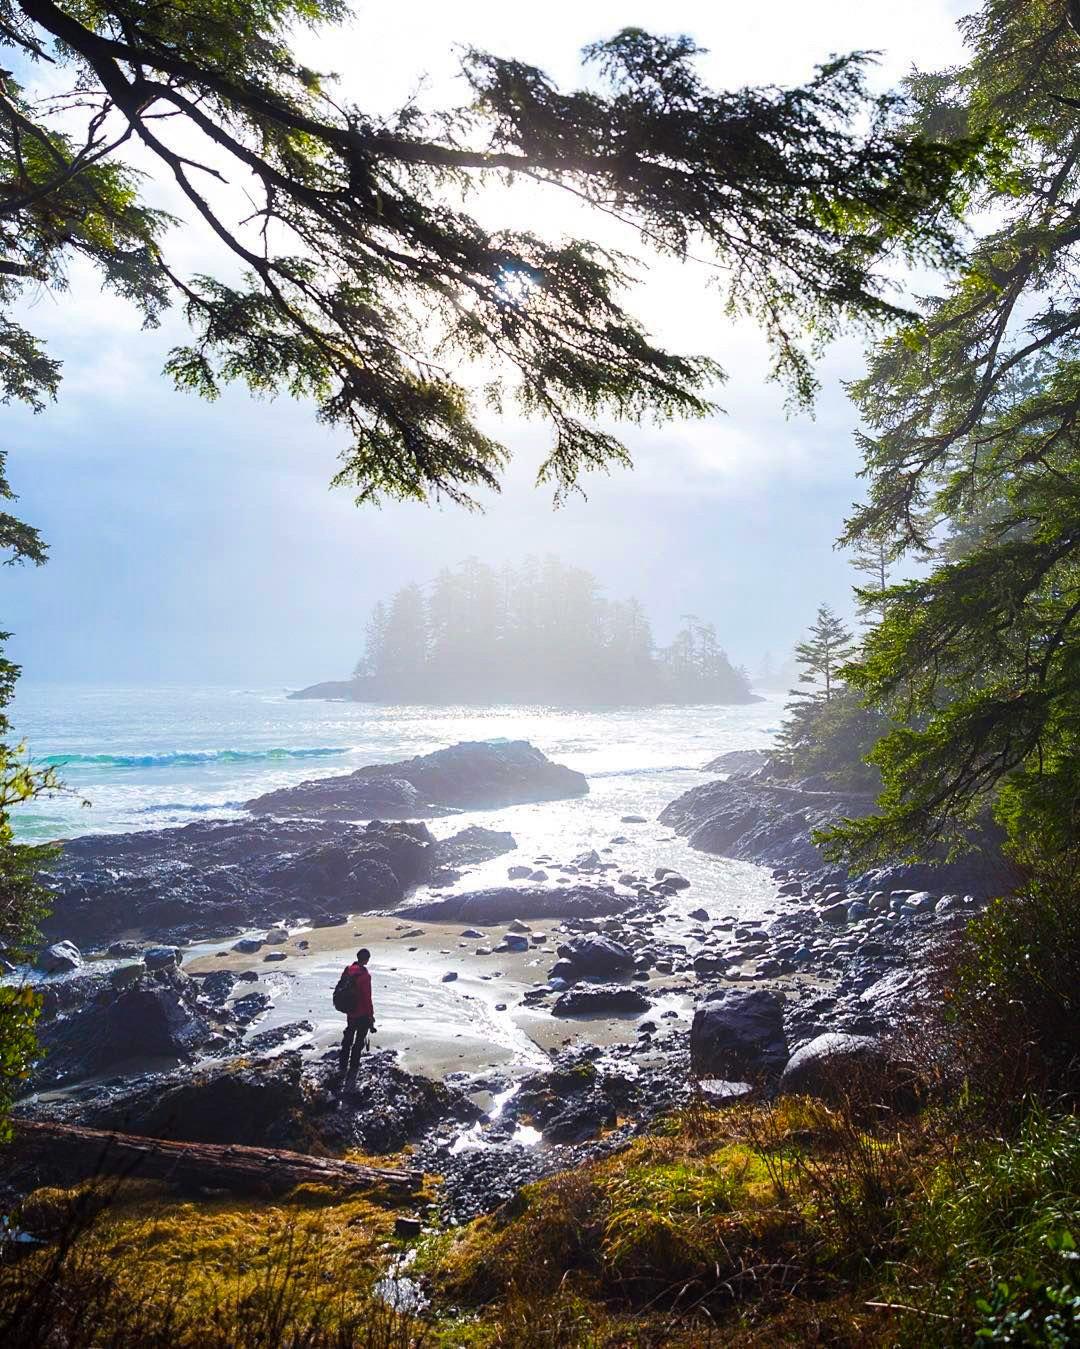 путешествие остров ванкувер фотографии них веет теплом